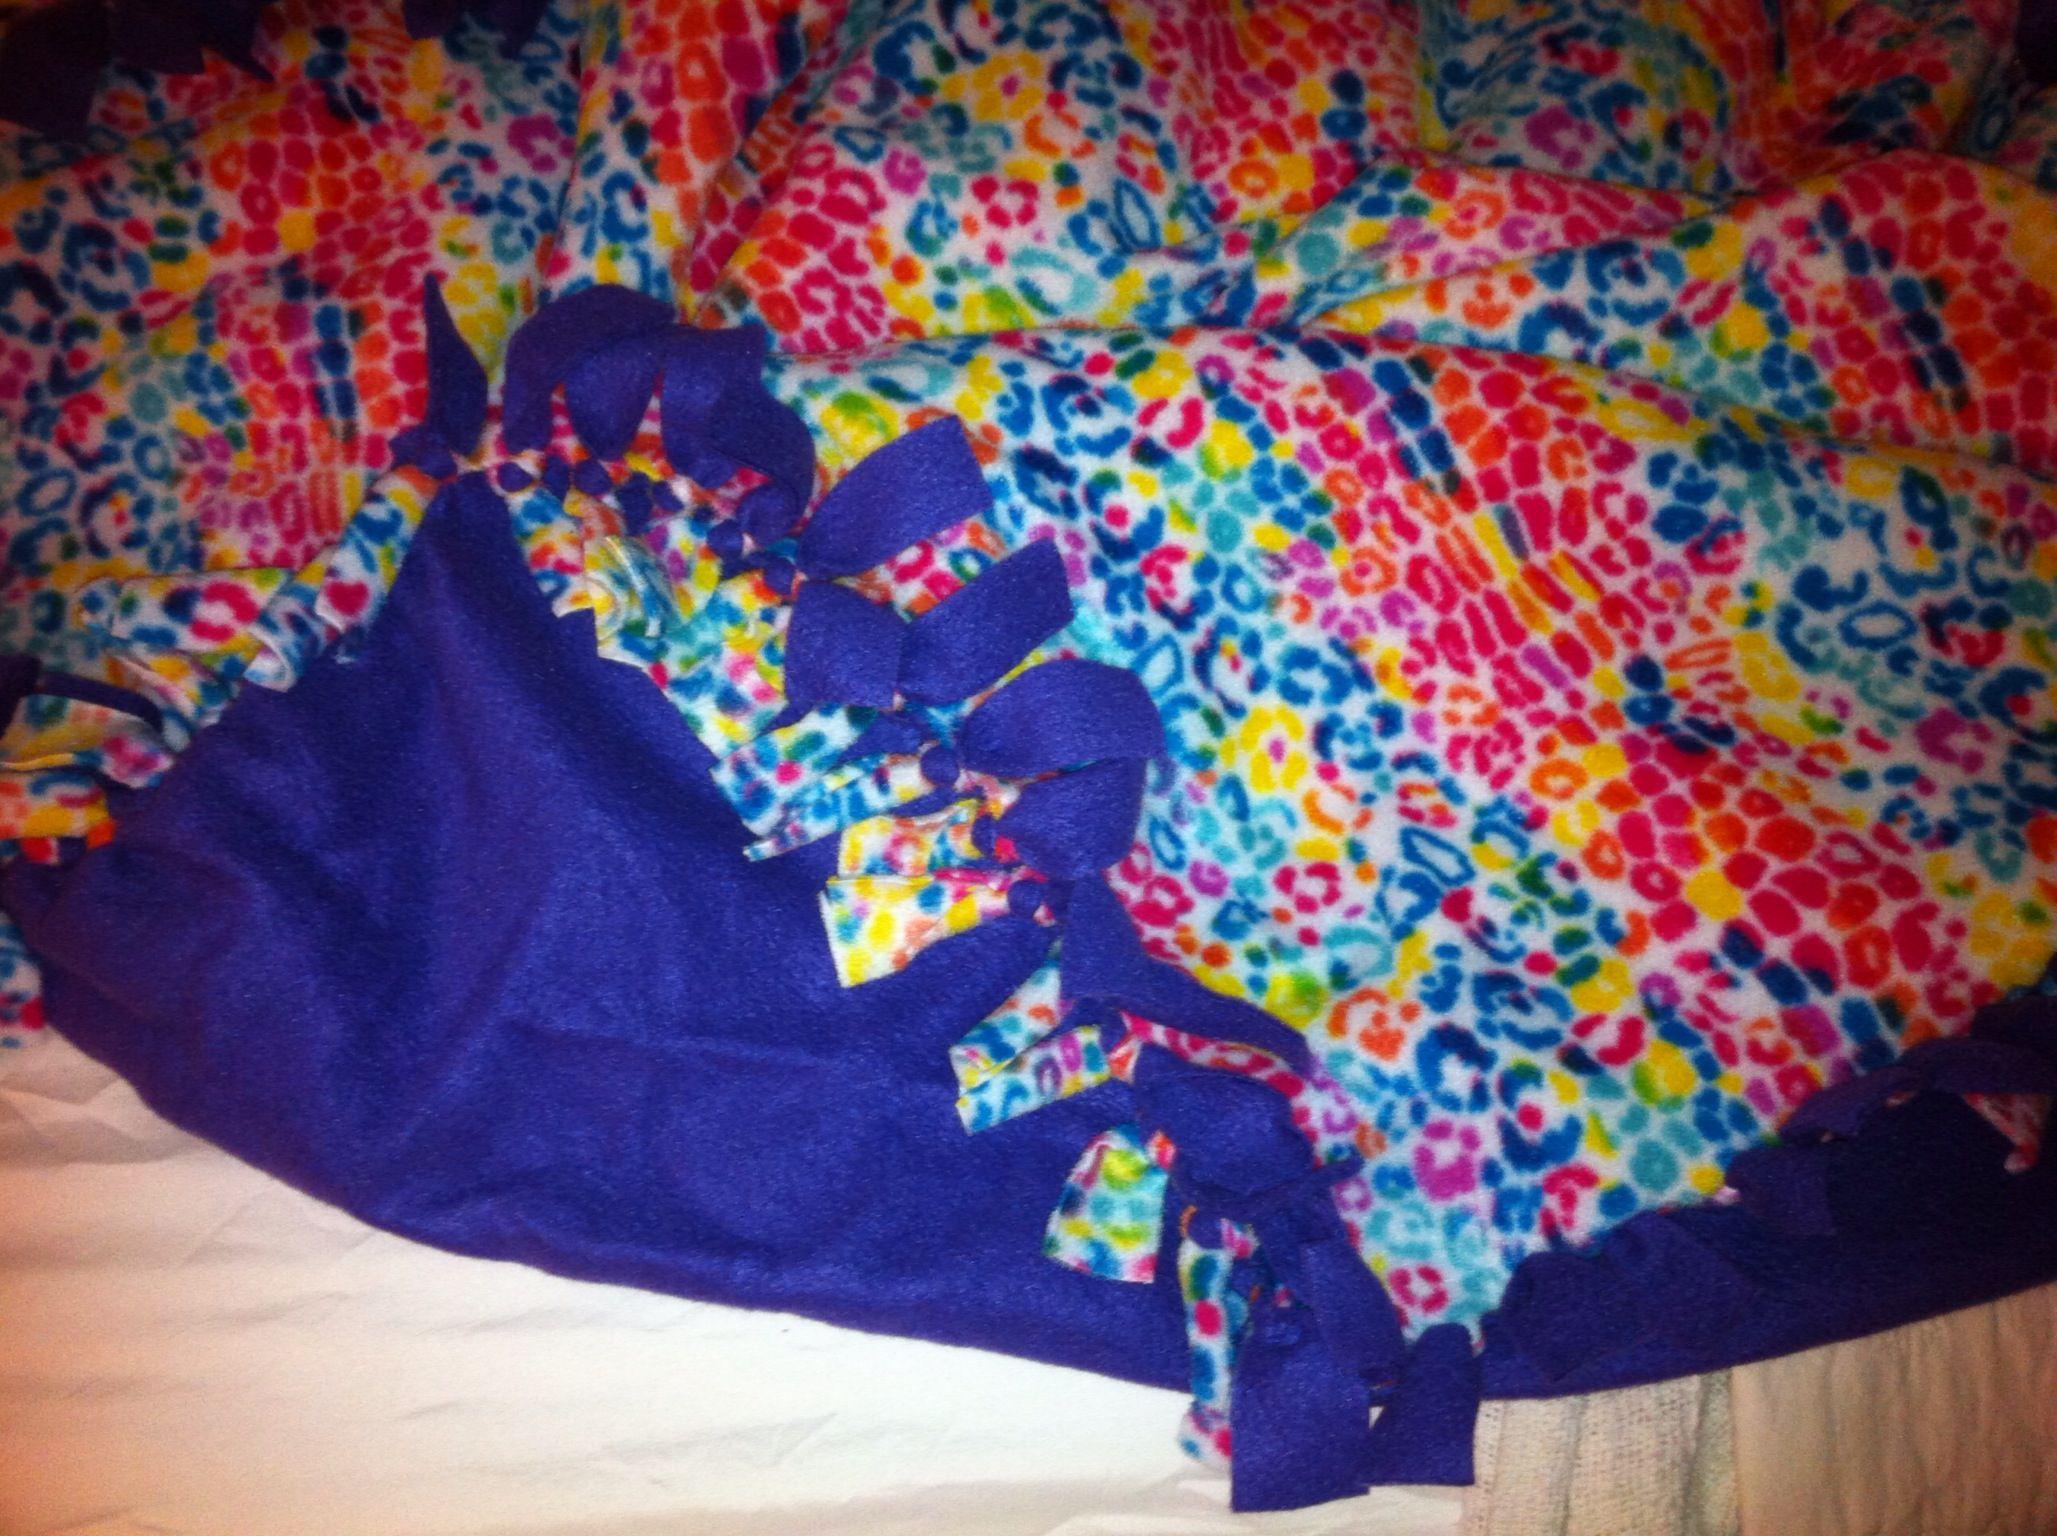 Fleece Tie Blanket Craft Ideas Pinterest Fleece Tie